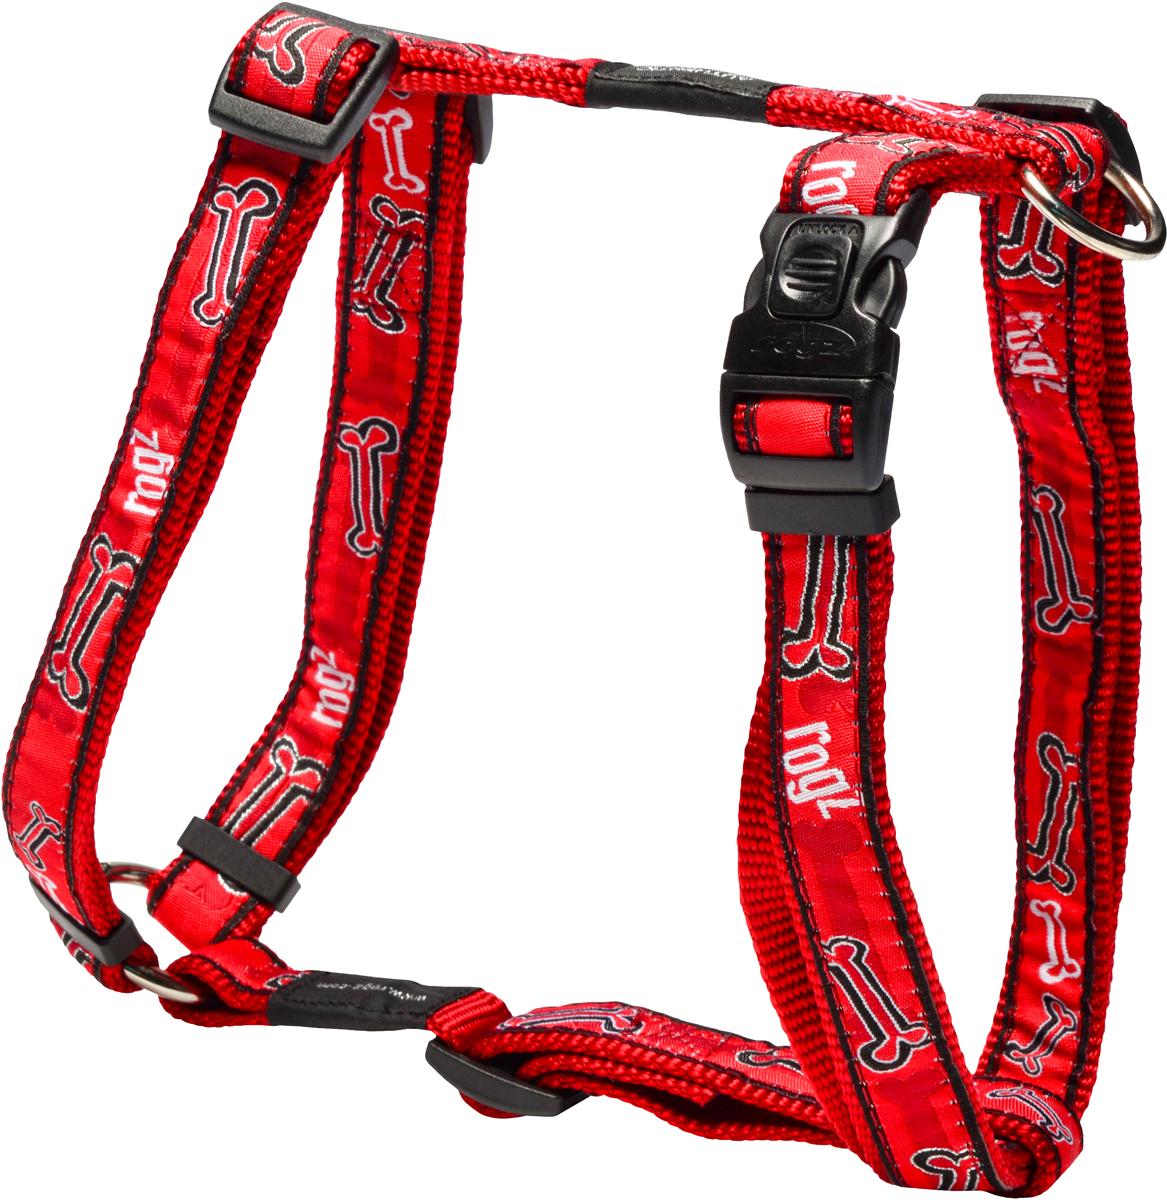 Шлейка для собак Rogz Fancy Dress, цвет: красный, ширина 2 смHB03CCШлейка для собак Rogz Fancy Dress имеет необычный дизайн. Широкая гамма потрясающе красивых орнаментов на прочной тесьме поверх нейлоновой ленты украсит вашего питомца.Застегивается, не доставляя неудобство собаке.Специальная конструкция пряжки Rog Loc - очень крепкая(система Fort Knox). Замок может быть расстегнут только рукой человека.С помощью системы ремней изделие подгоняется под животного индивидуально.Необыкновенно крепкая и прочная шлейка.Выполненные по заказу литые кольца выдерживают значительные физические нагрузки и имеют хромирование, нанесенное гальваническим способом, что позволяет избежать коррозии и потускнения изделия.Легко можно прикрепить к ошейнику и поводку.